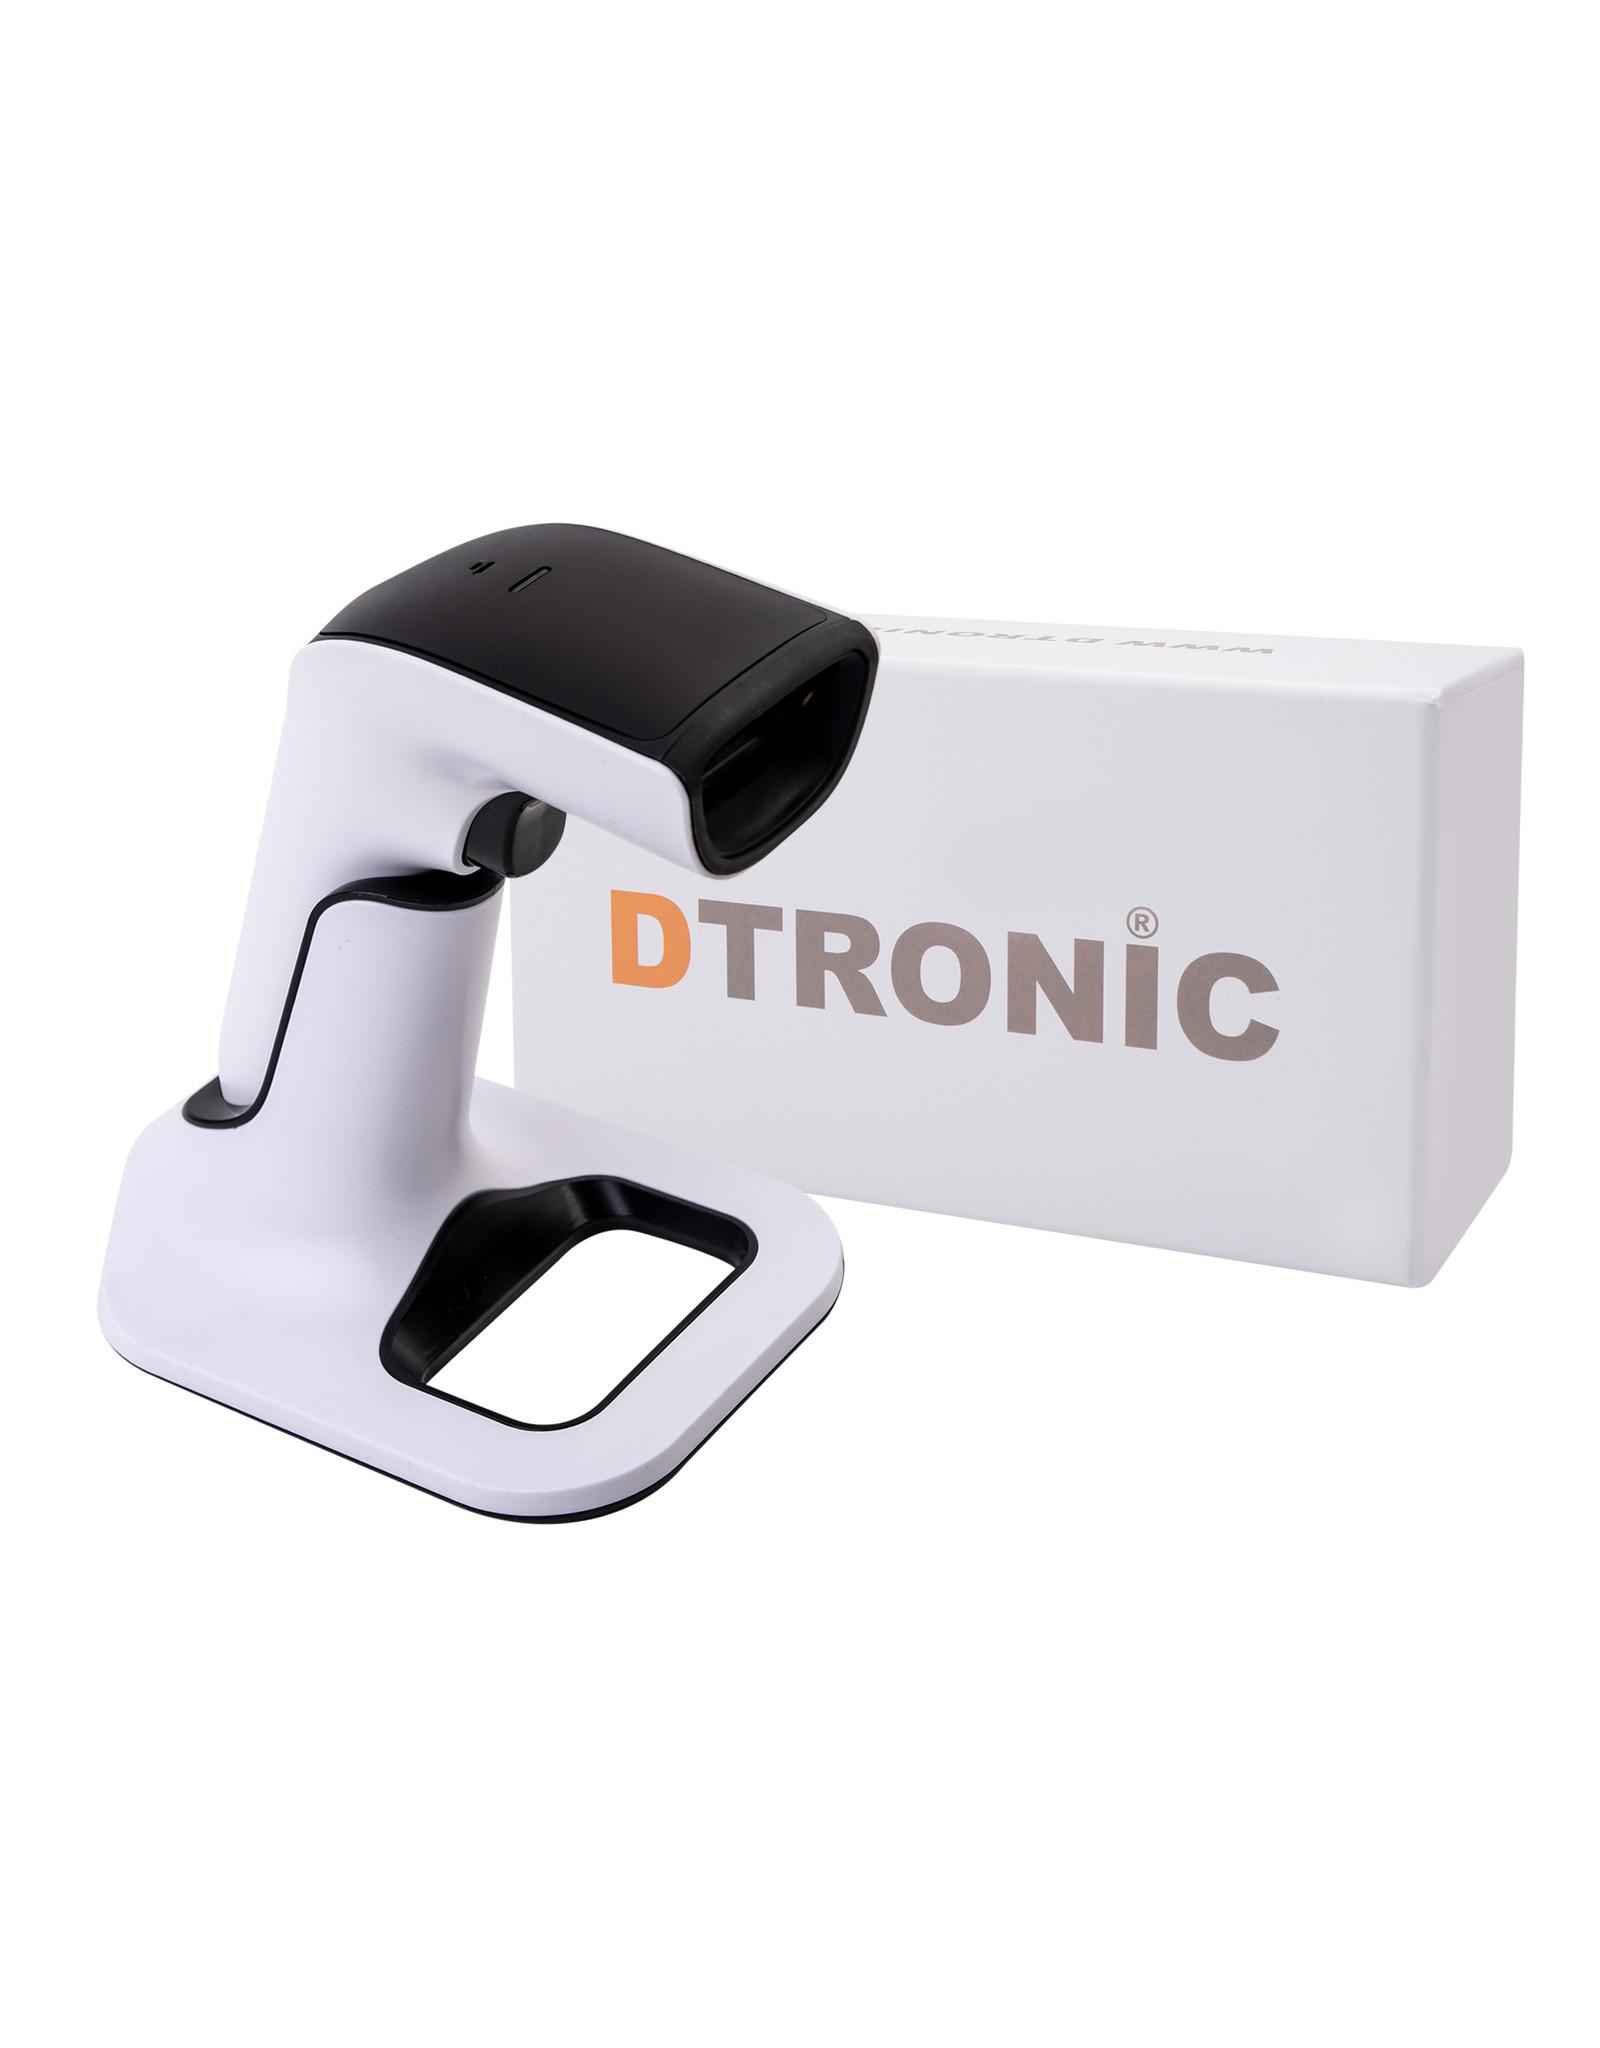 DTRONIC Barcodescanner met standaard   DTRONIC - DS6510   scant ook QR en van beeldscherm